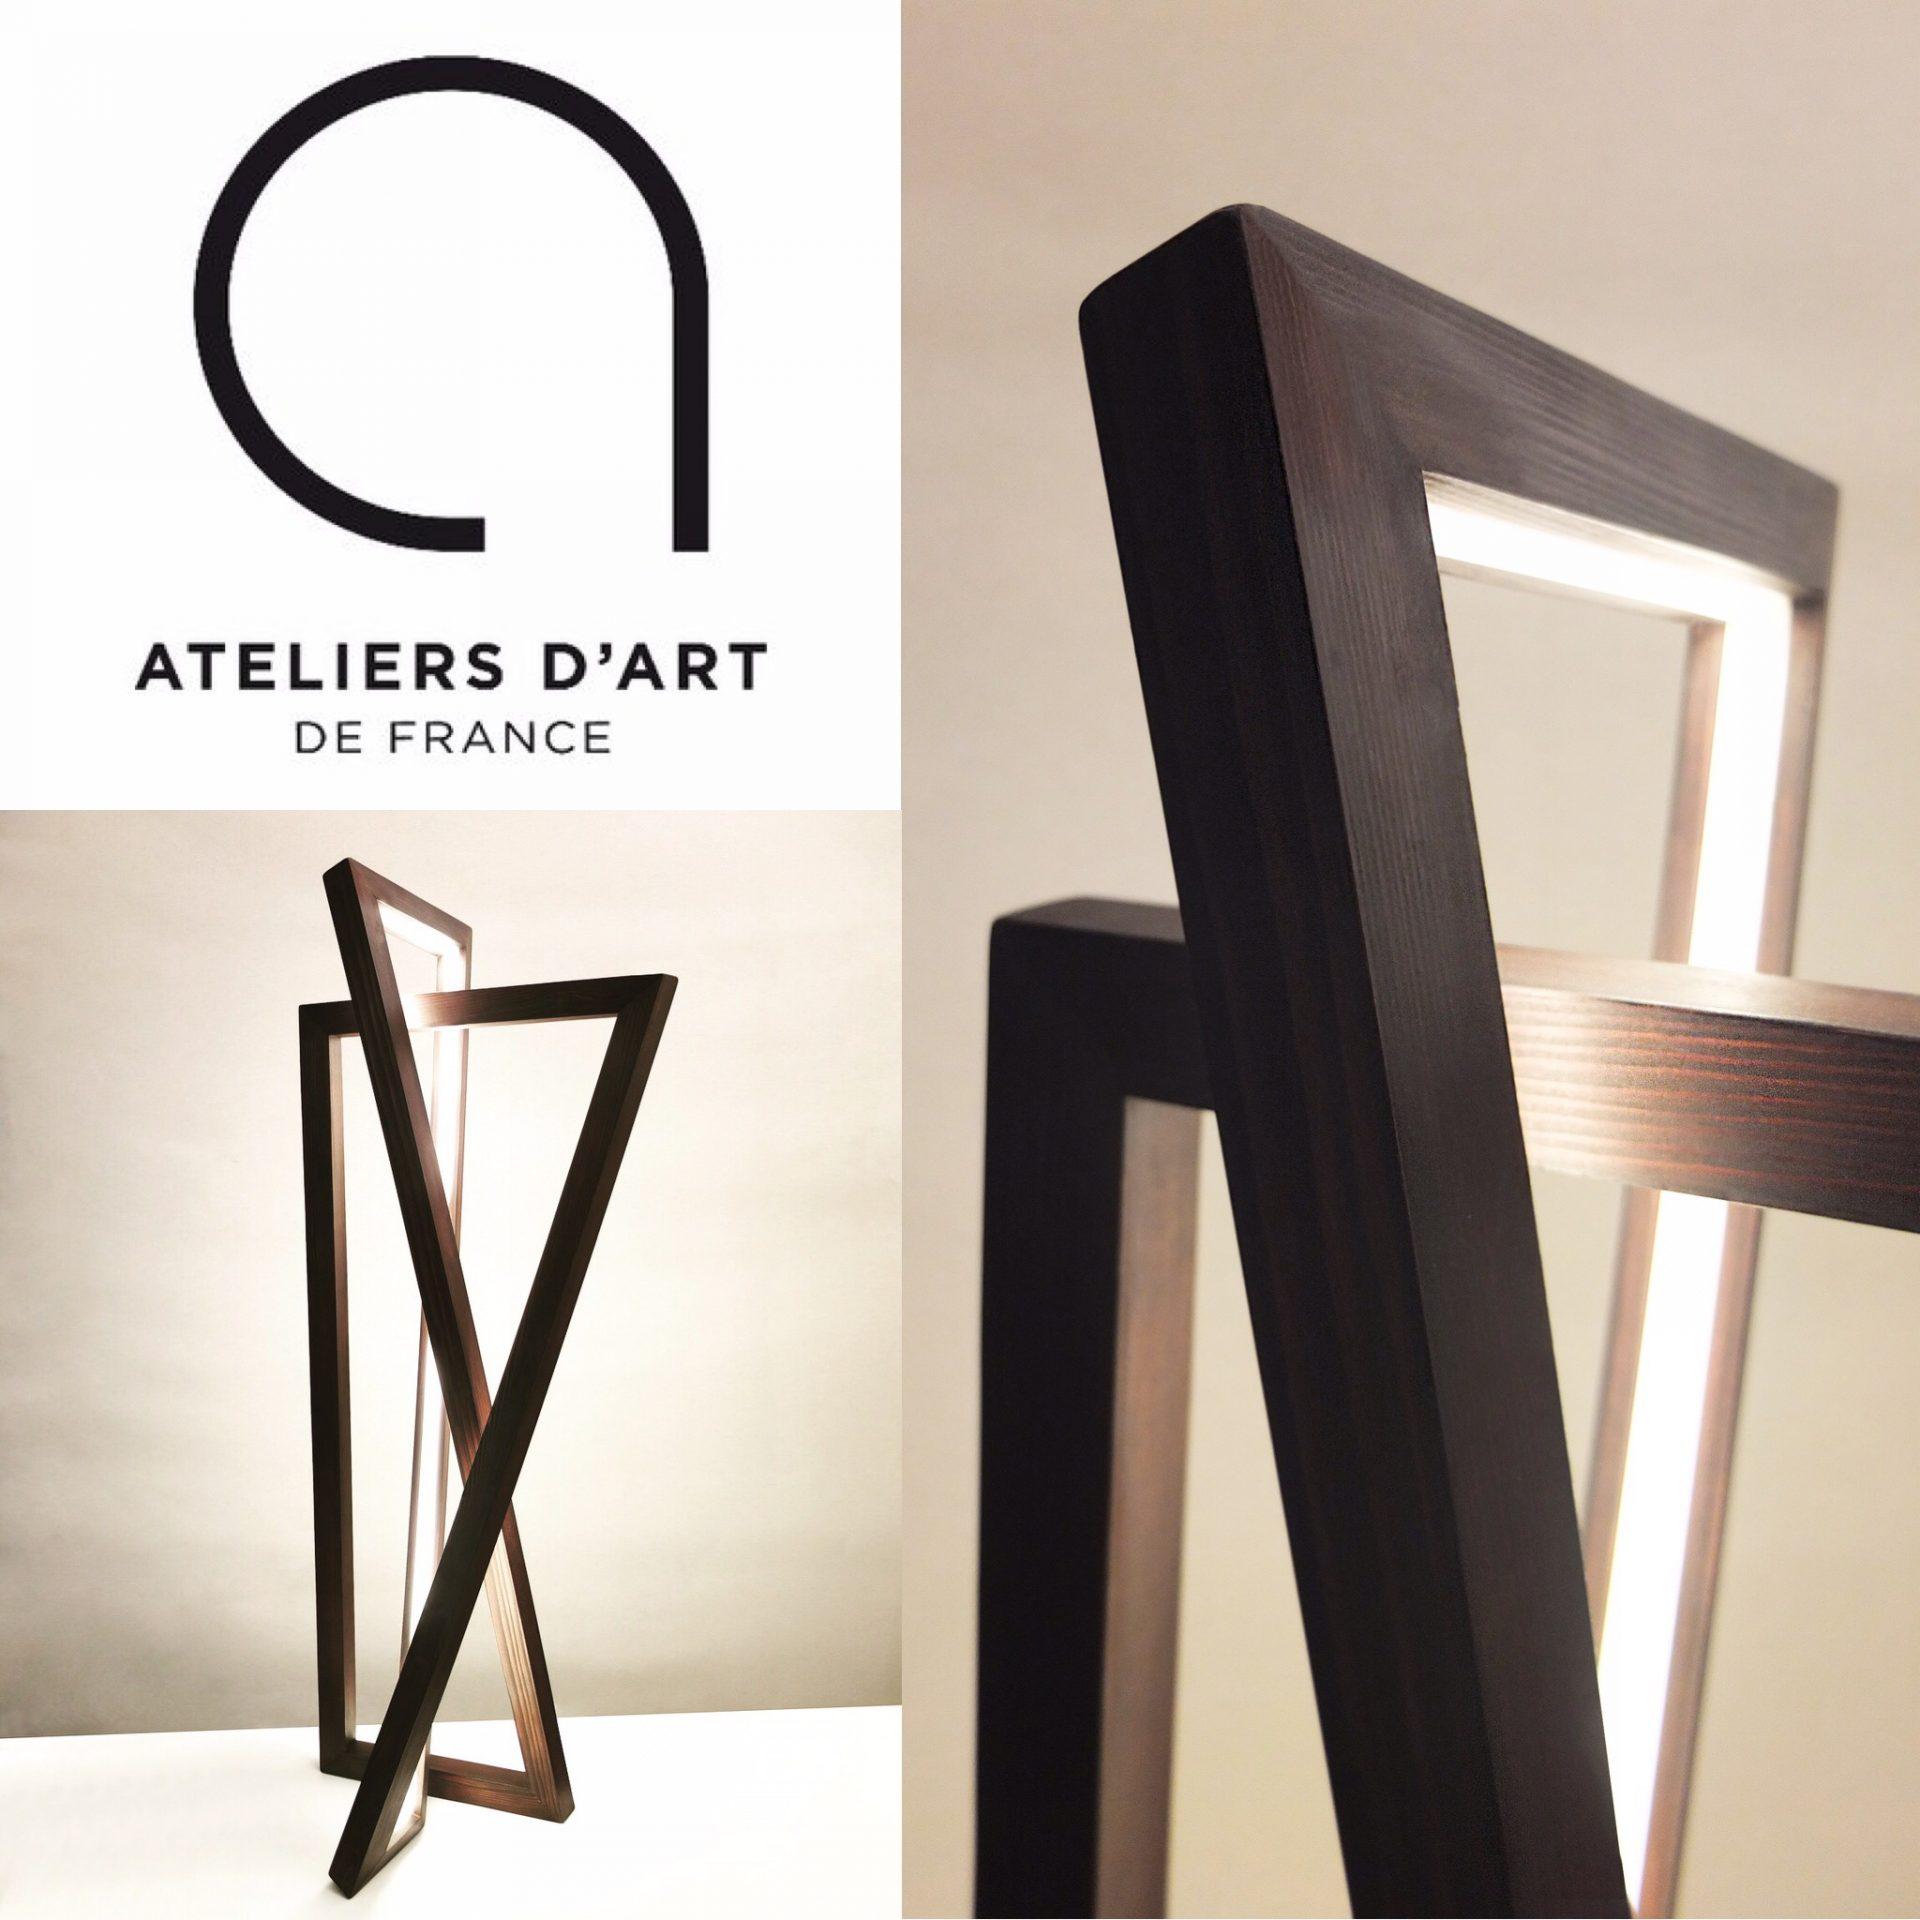 Moebius finaliste Concours ateliers d'art de France